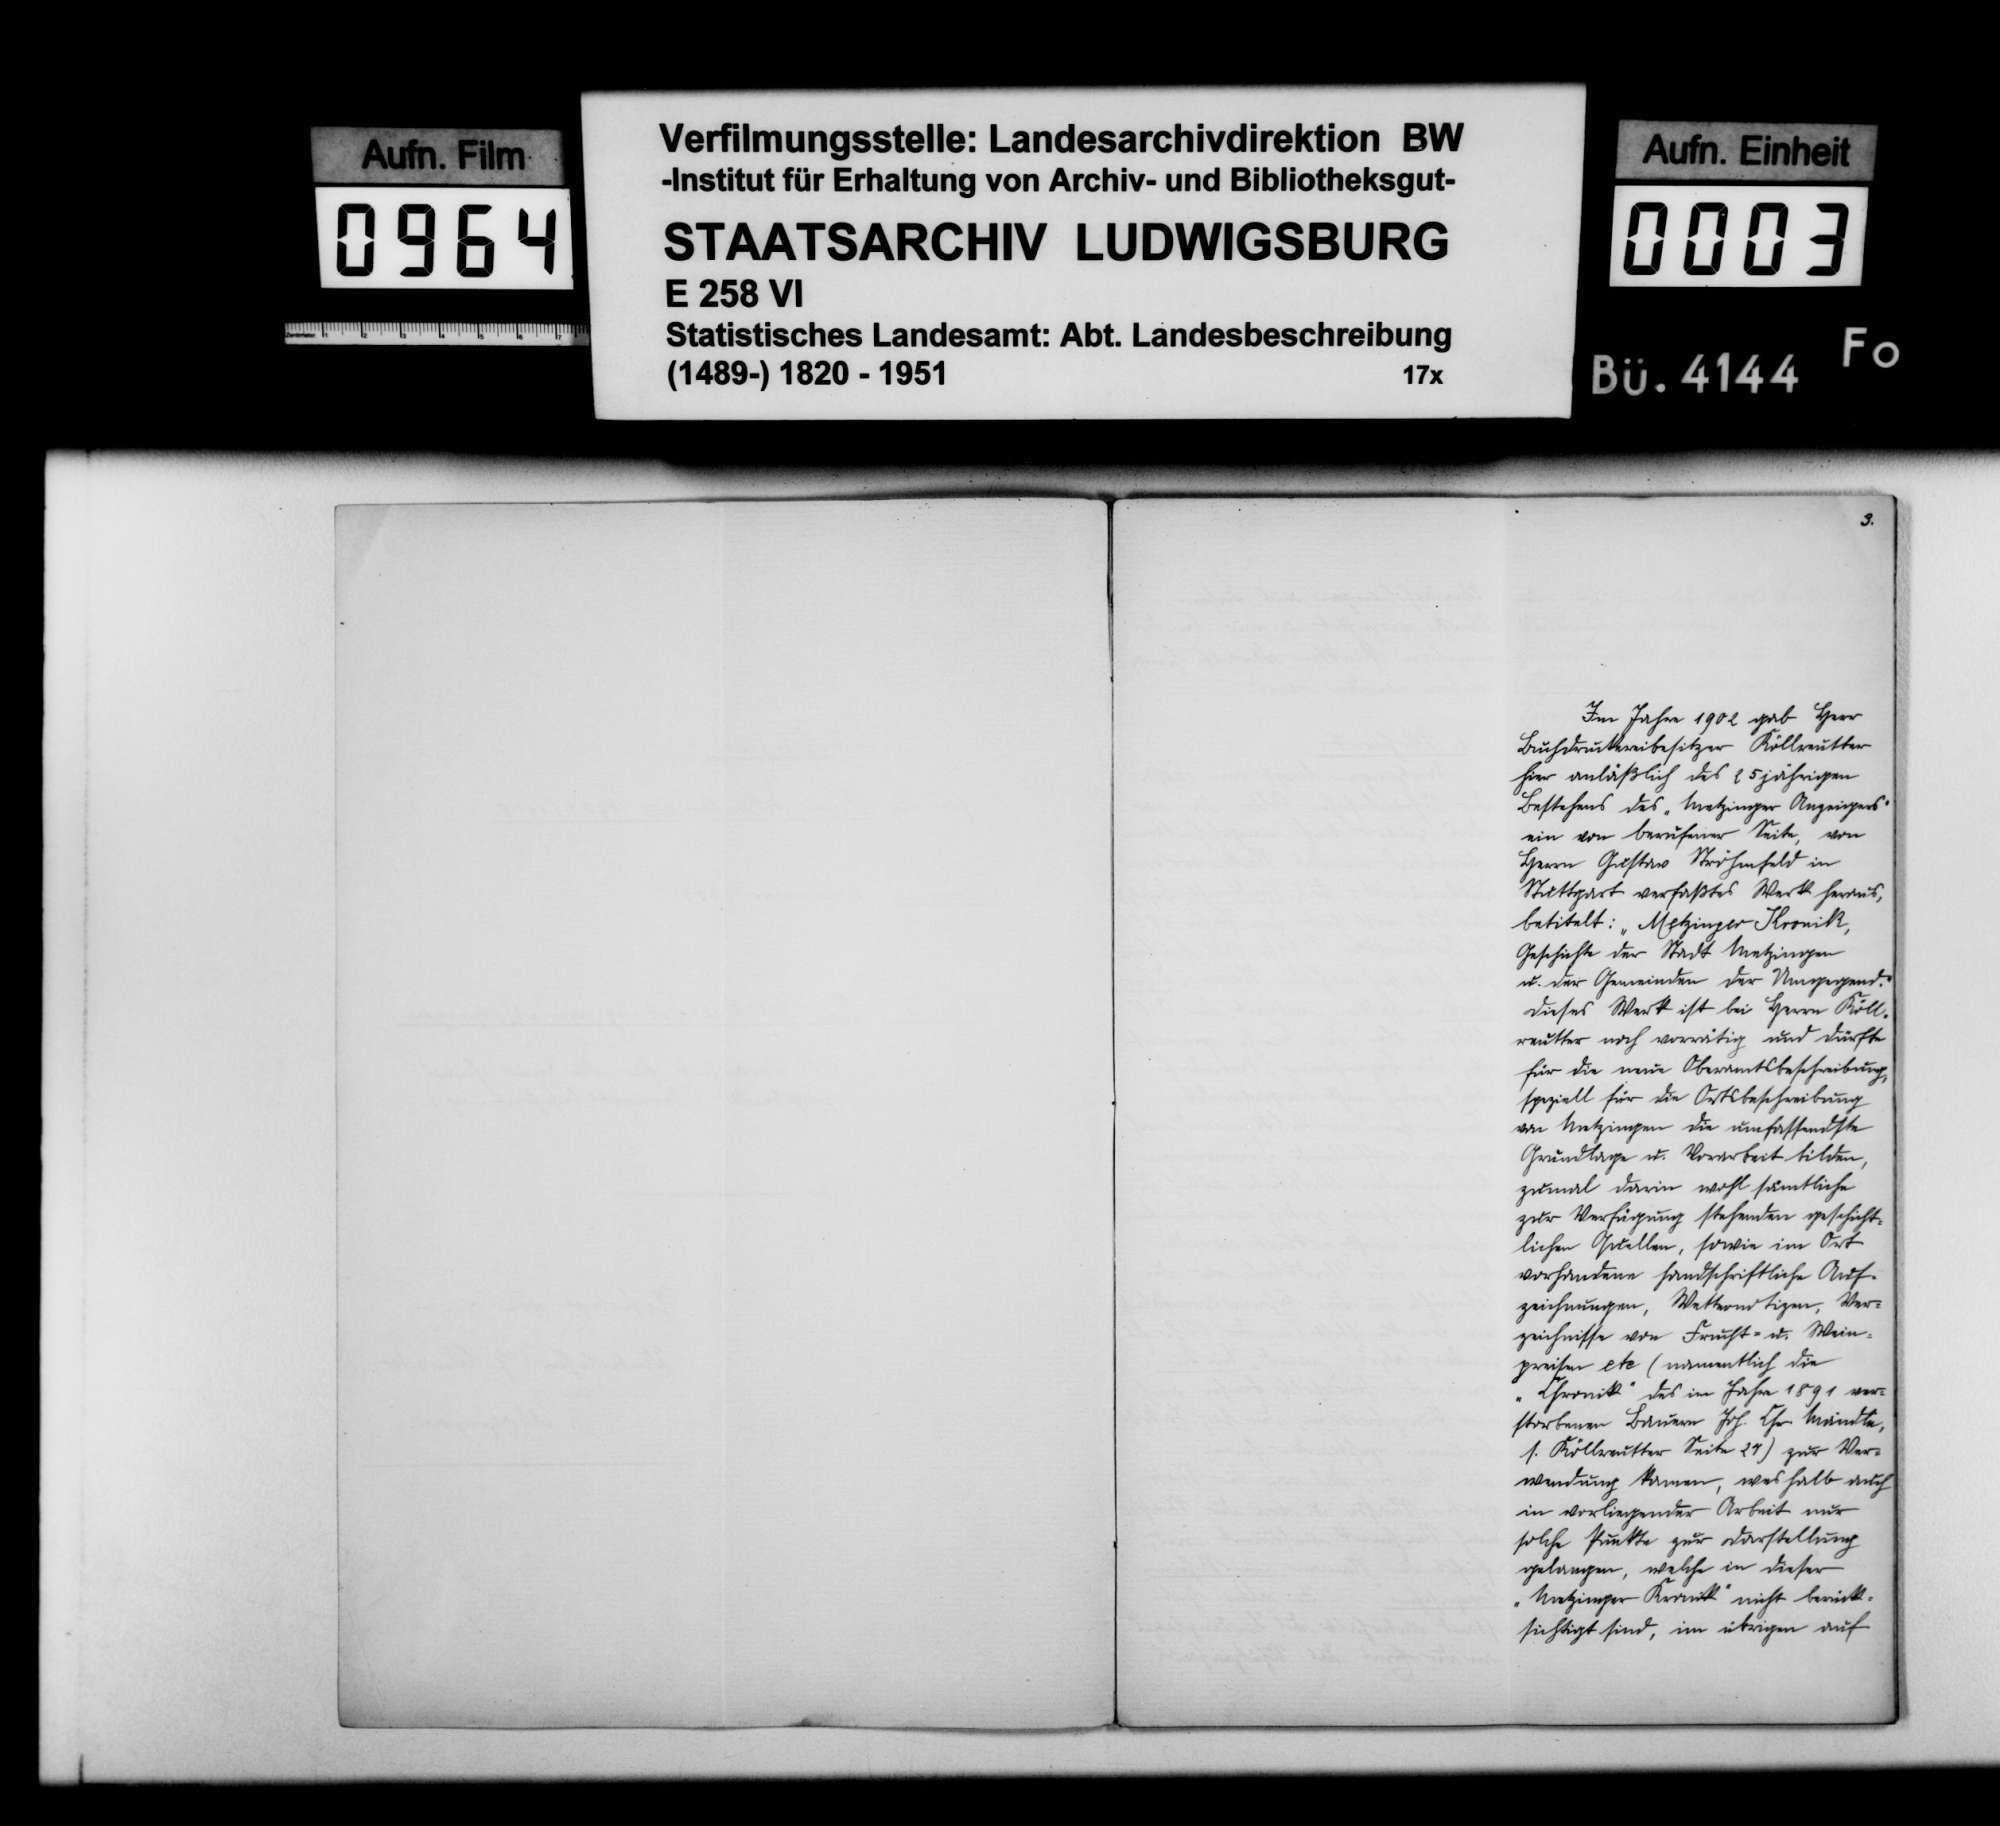 Konferenzaufsätze des Unterlehrers G. Wurster und des Hilfslehrers Gustav Strohmaier zur Ortsbeschreibung von Metzingen, Bild 2